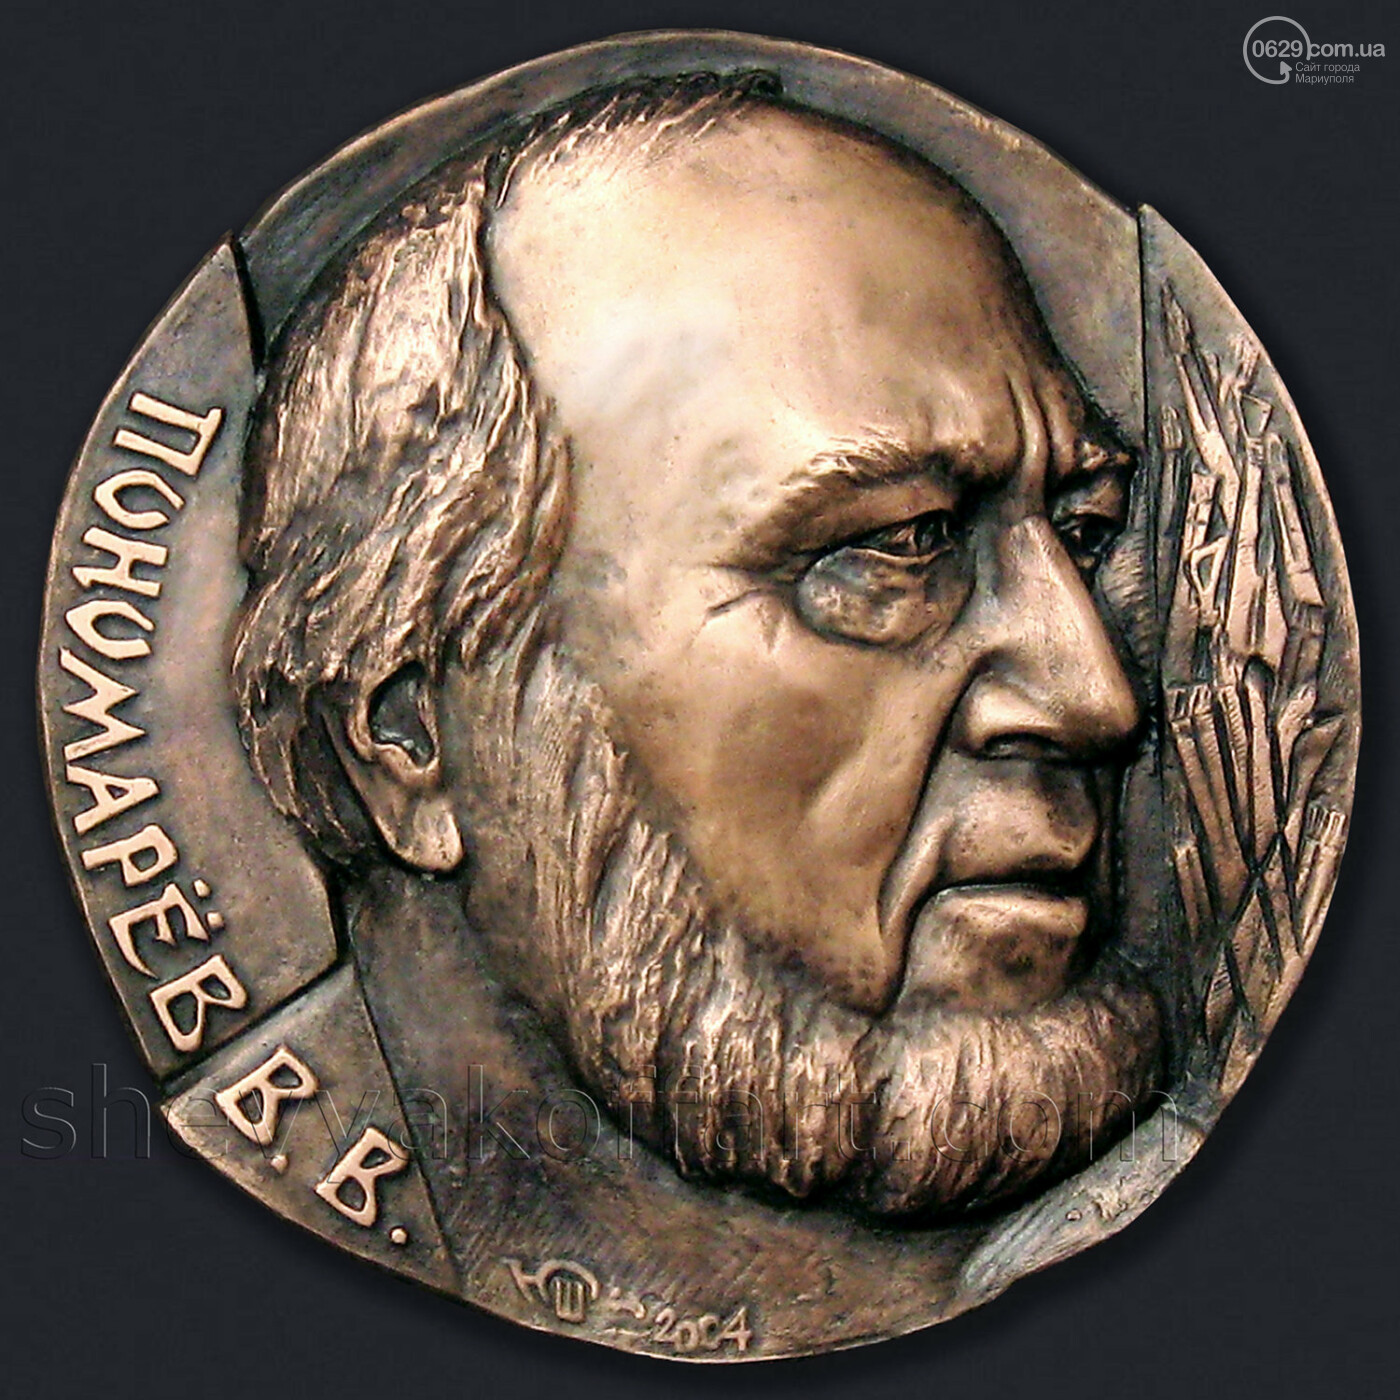 Философия в металле. Известный медальер подарил Мариуполю уникальные плакеты, - ФОТО, фото-7